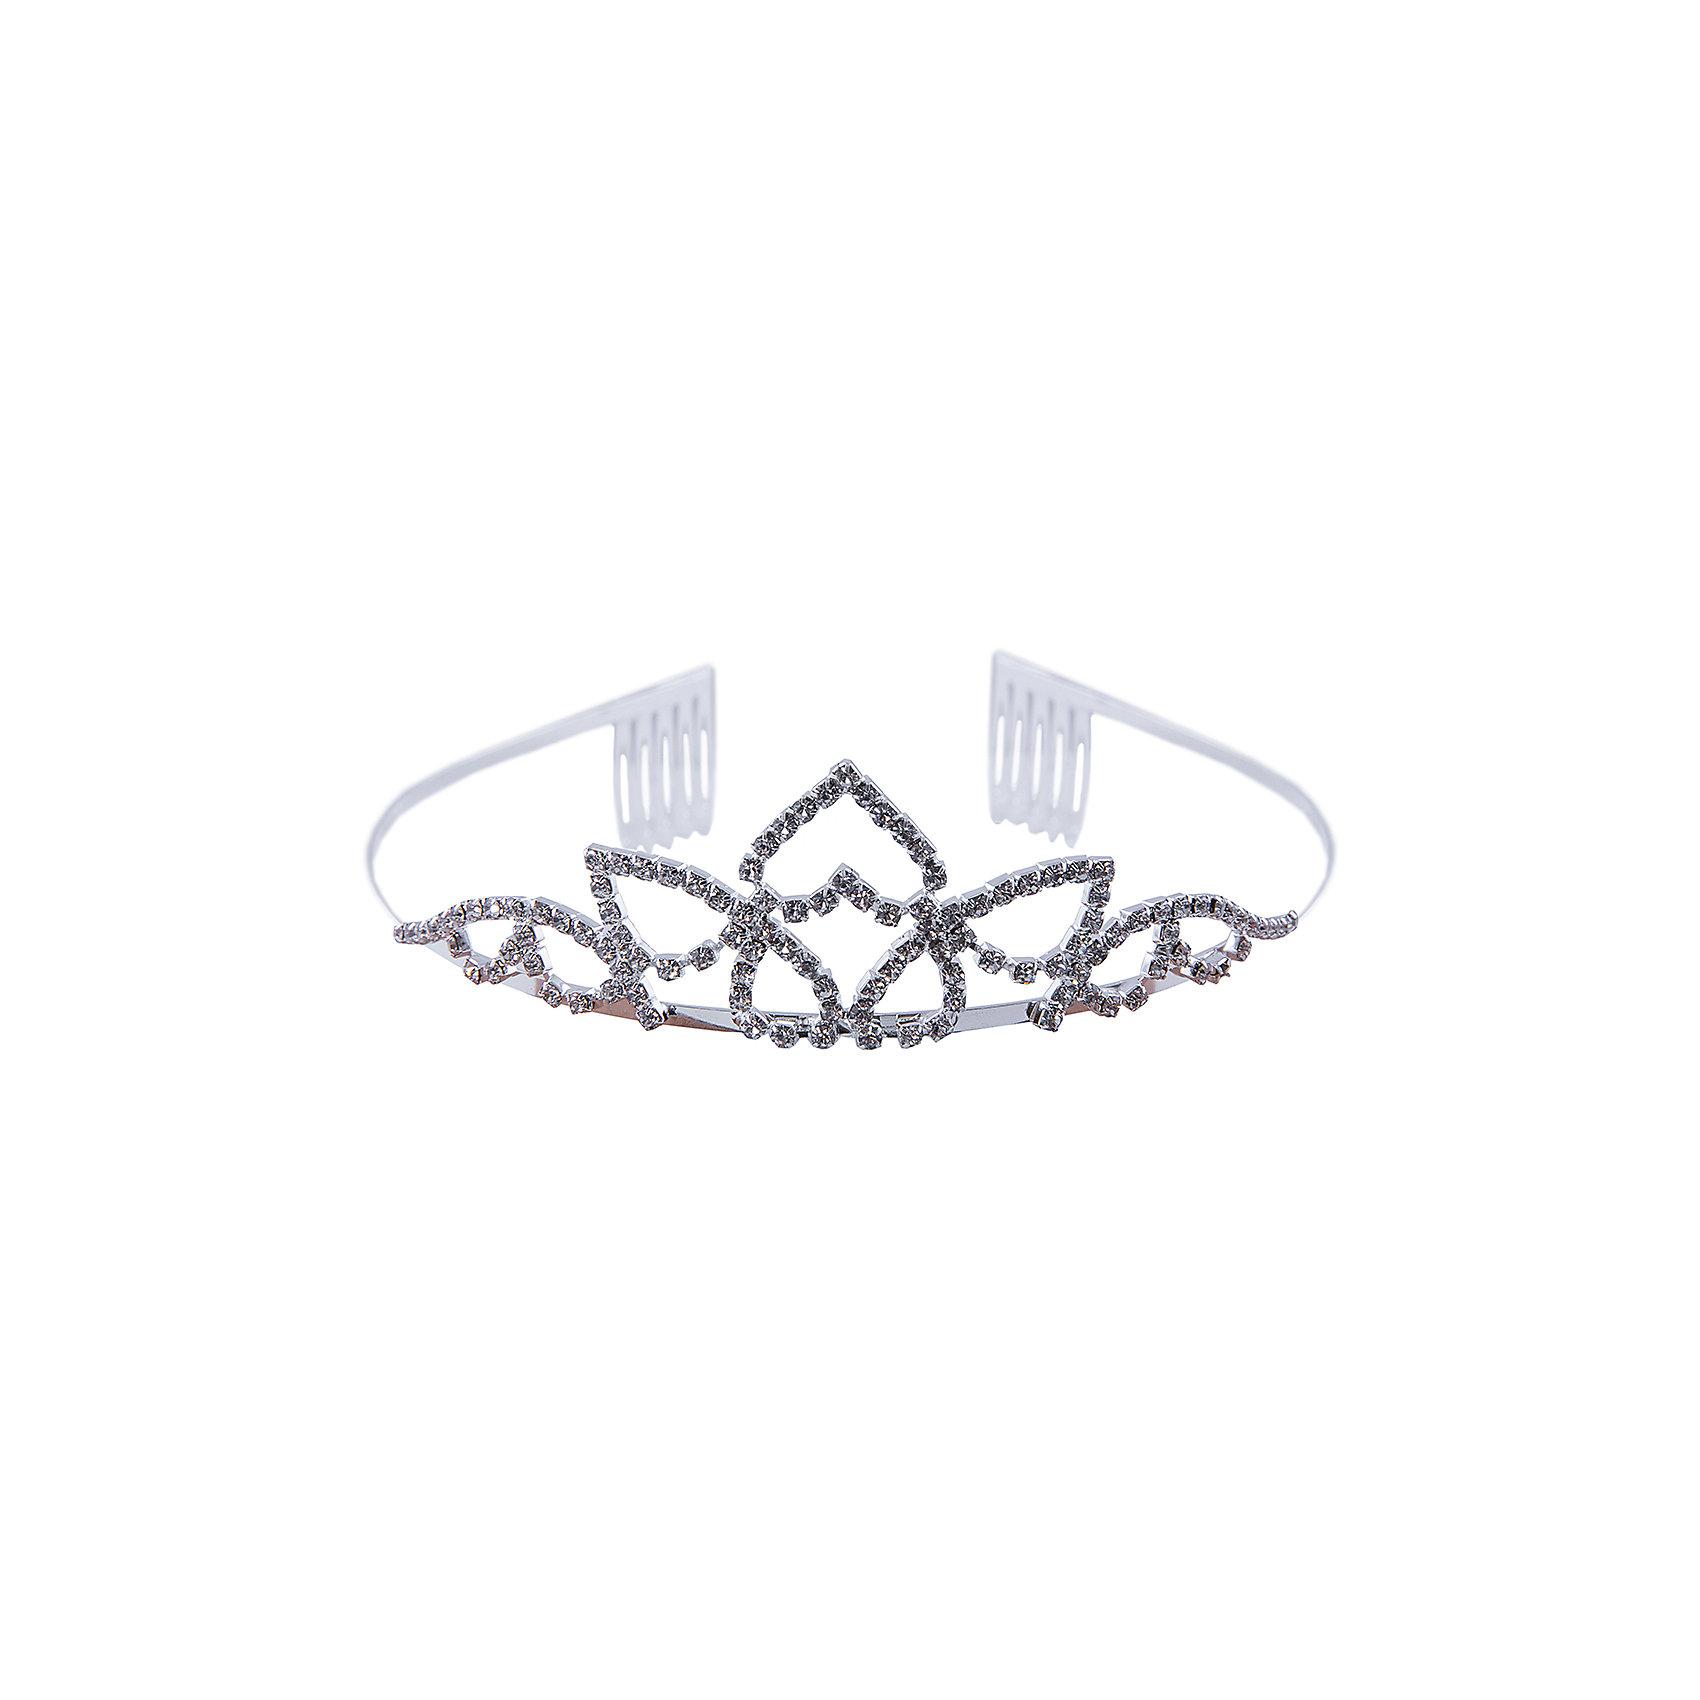 Серебрянная ТиараОбодок со стразами. Серебненная основа с красивым ажурным узором, украшеная сверкающими стразами.<br> На концах ободка удобные фиксаторы. Тиара дополнит нарядный образ образ и сделаем сверкающий акцент.<br><br>Состав: 80% металл, 20% стирол<br><br>Ширина мм: 170<br>Глубина мм: 157<br>Высота мм: 67<br>Вес г: 117<br>Возраст от месяцев: 36<br>Возраст до месяцев: 2147483647<br>Пол: Женский<br>Возраст: Детский<br>SKU: 4419528